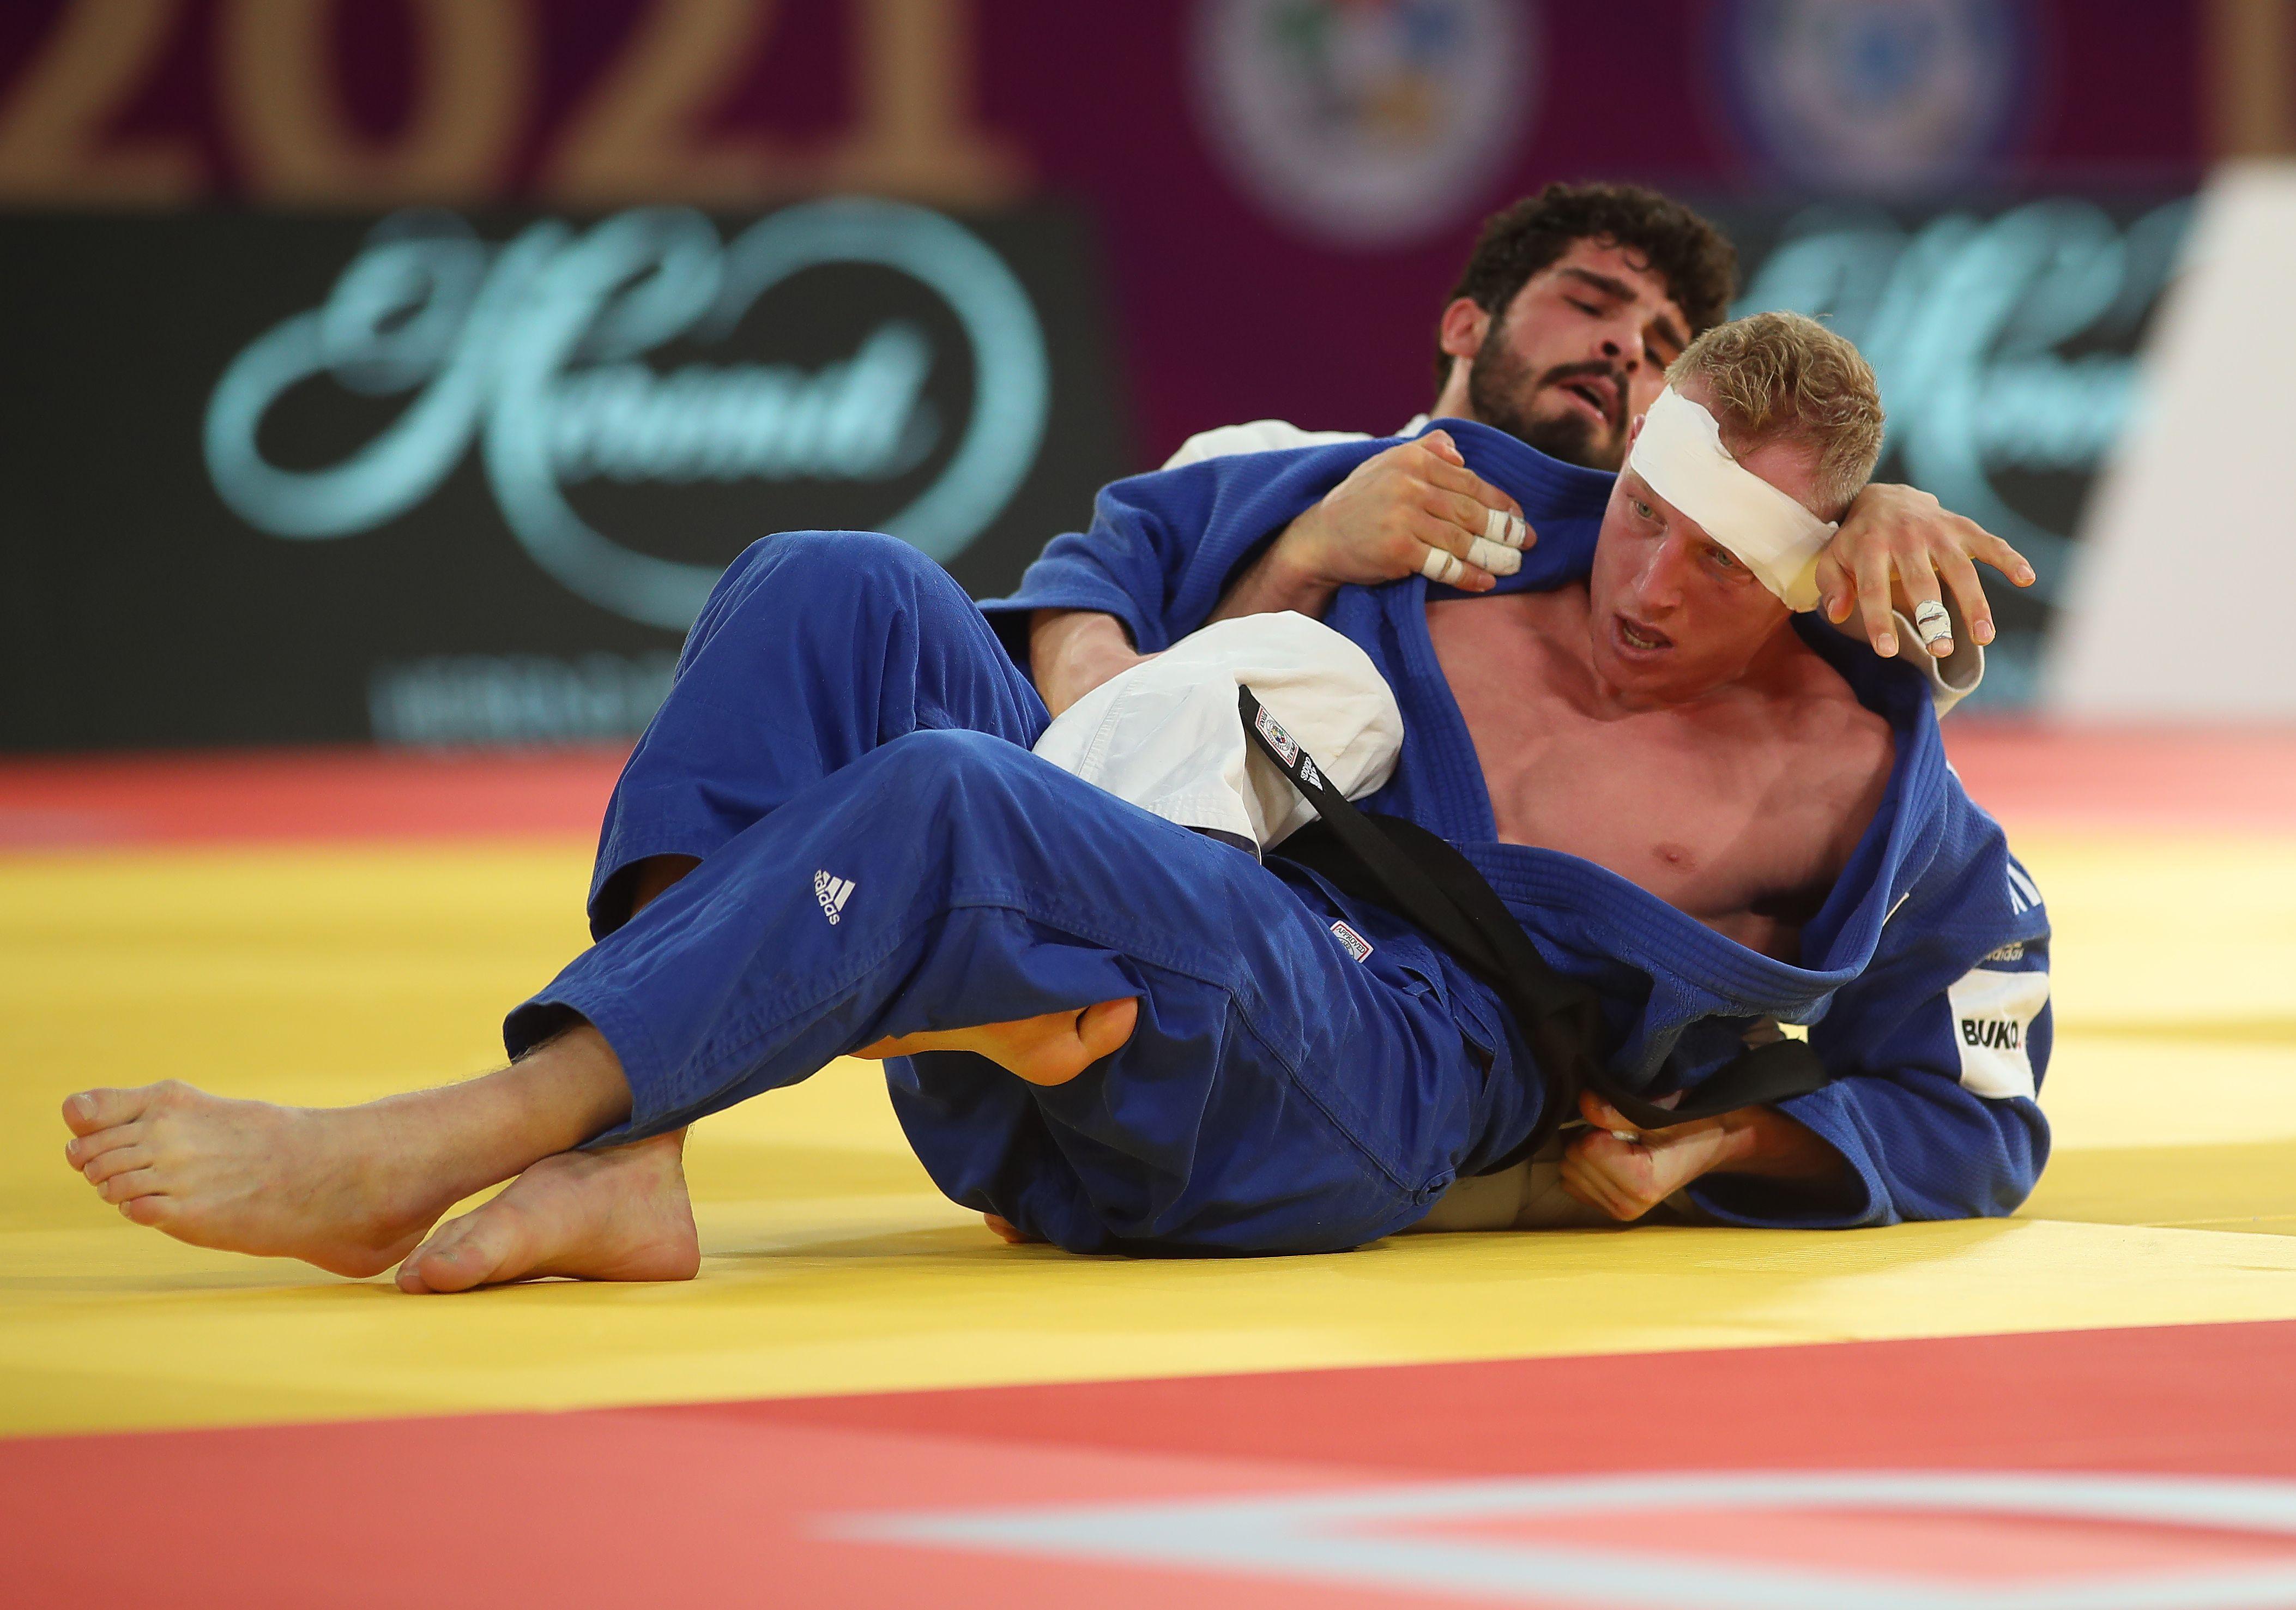 Heemskerkse judoka Frank de Wit verovert zilver bij judotoernooi Masters in Doha